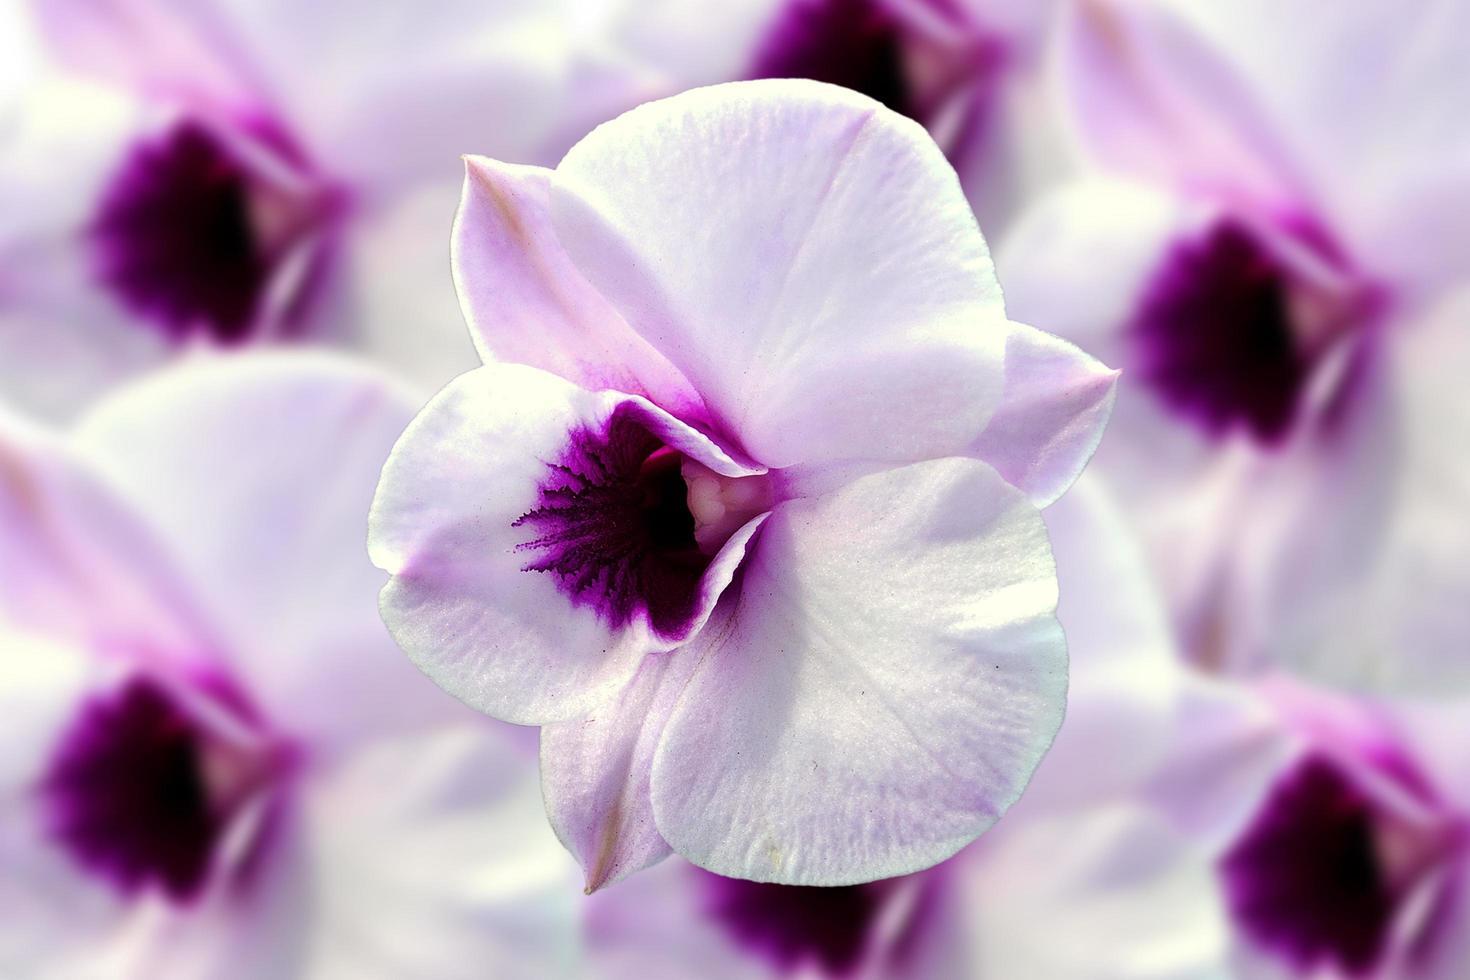 orquídea blanca sobre fondo blanco. foto